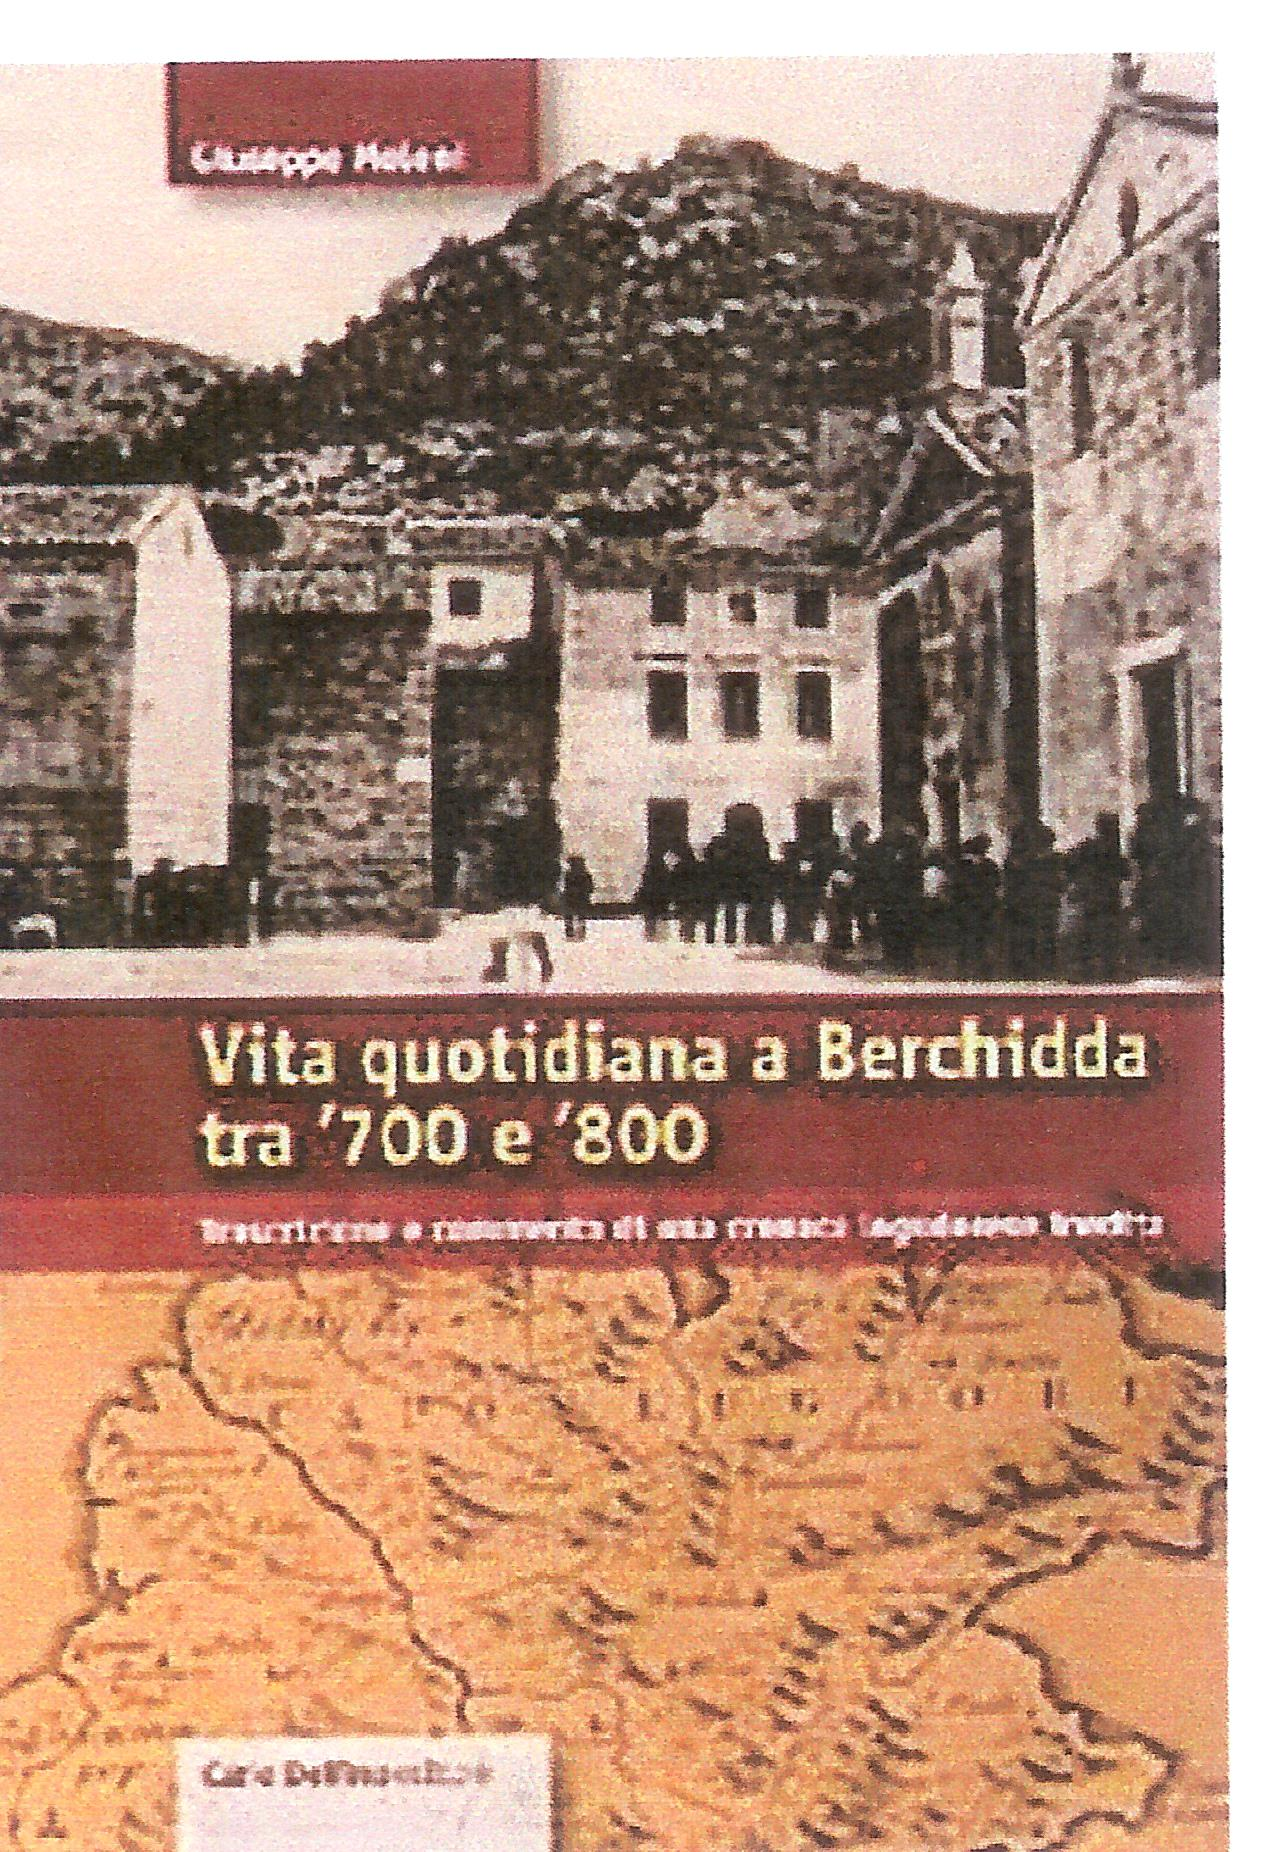 Berchidda 1